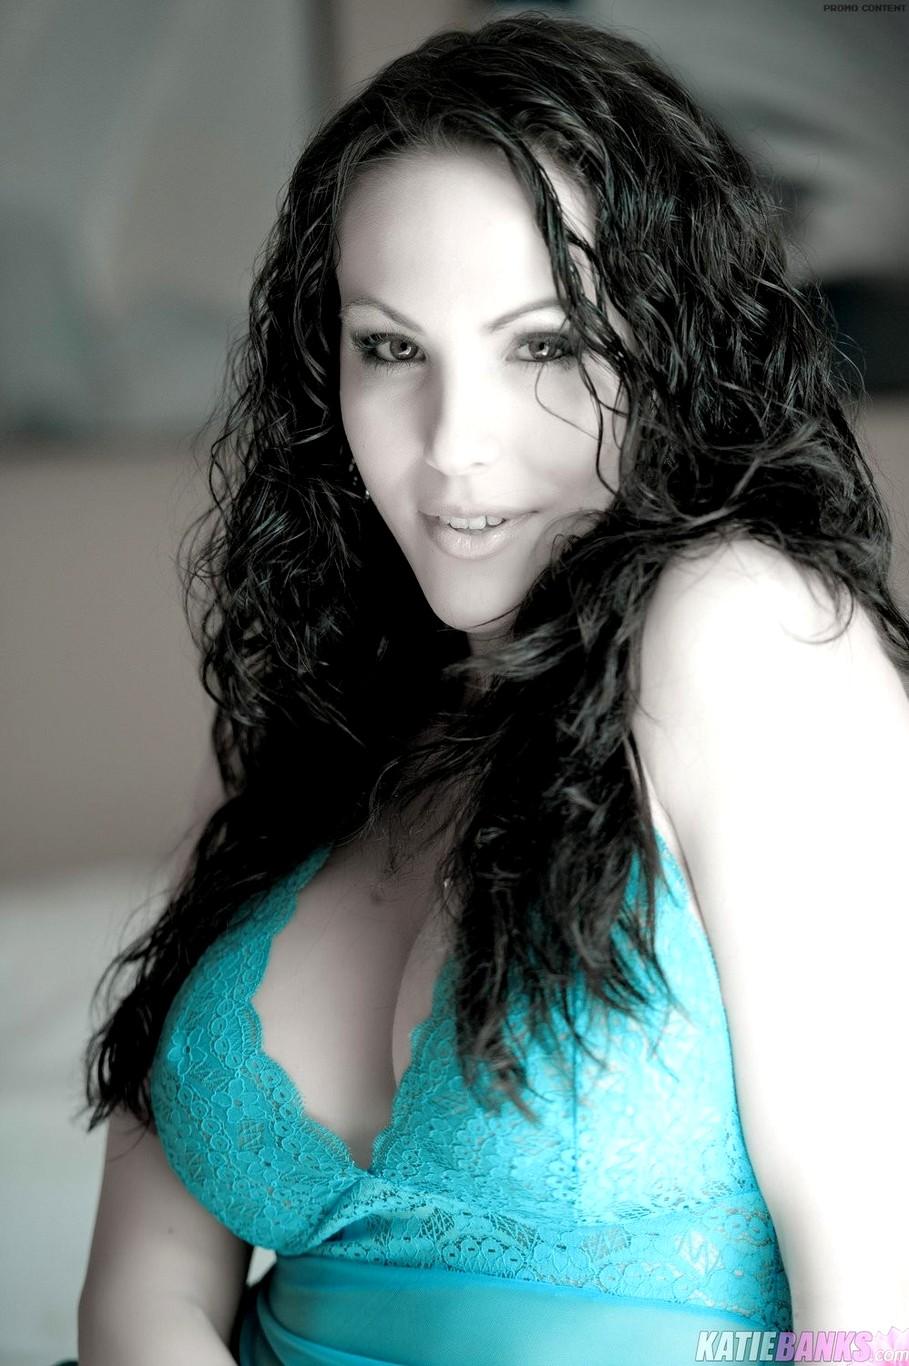 katiebanks model big tits hotties scandal jpg 1